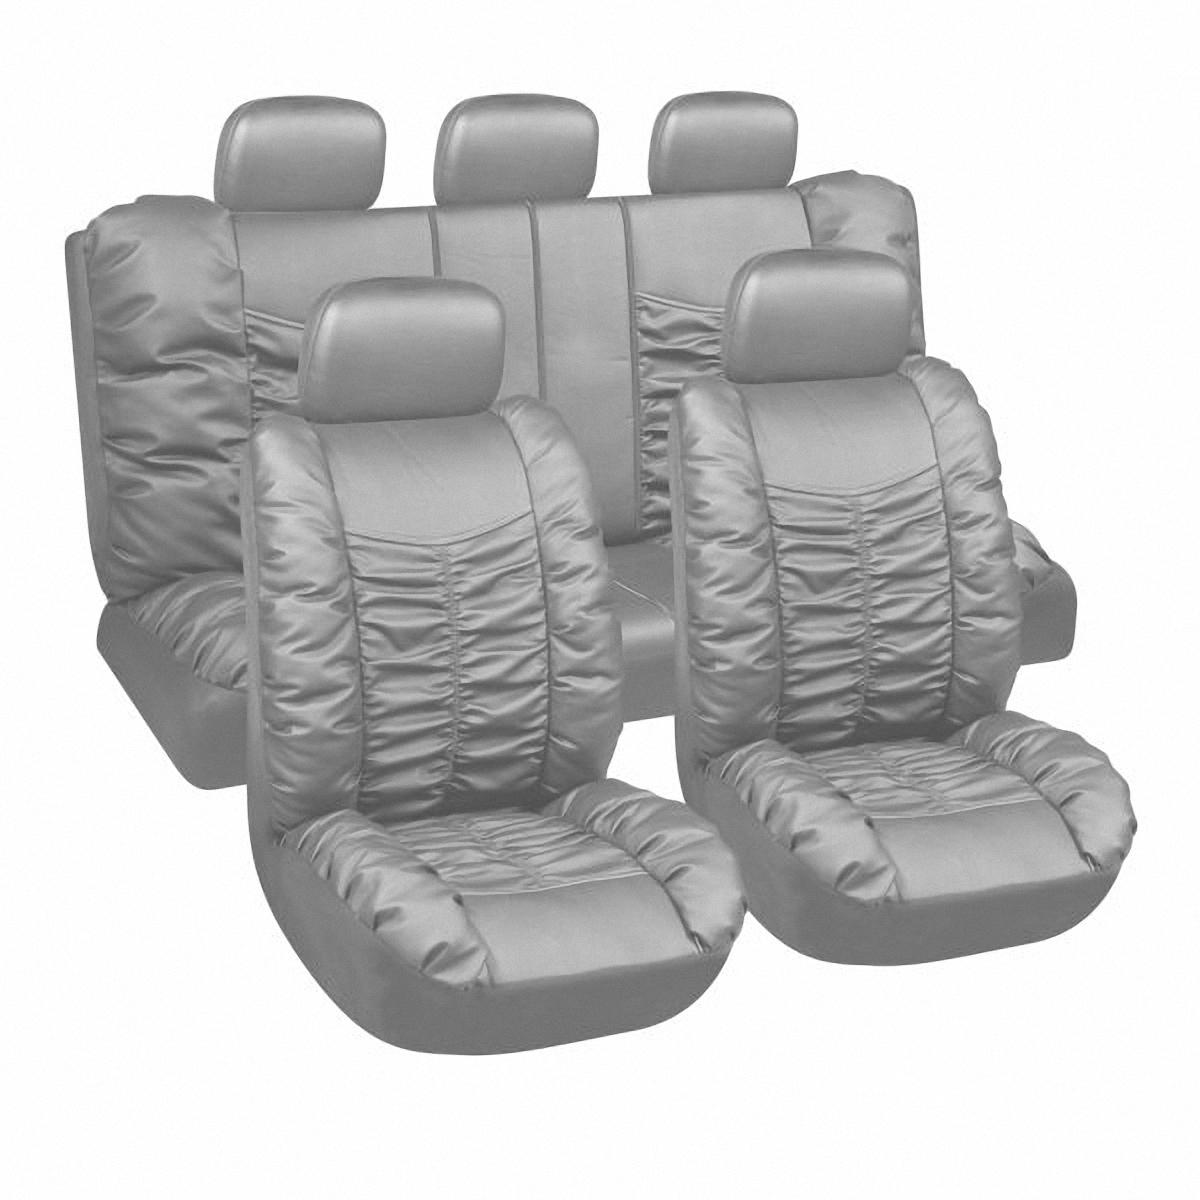 Чехлы автомобильные Skyway. LUX-9469 GYLUX-9469 GYВам не хватает уюта и комфорта в салоне? Самый лучший способ изменить это - одеть ваши сидения в чехлы SKYWAY. Изготовленные из искусственной кожи они защитят ваш салон от износа и повреждений. Более плотный поролон позволяет чехлам полностью прилегать к сидению автомобиля и меньше растягиваться в процессе использования. Ткань чехлов на сиденья SKYWAY не вытягивается, не истирается, великолепно сохраняет форму, устойчива к световому и тепловому воздействию, а ровные, крепкие швы не разойдутся даже при сильном натяжении.